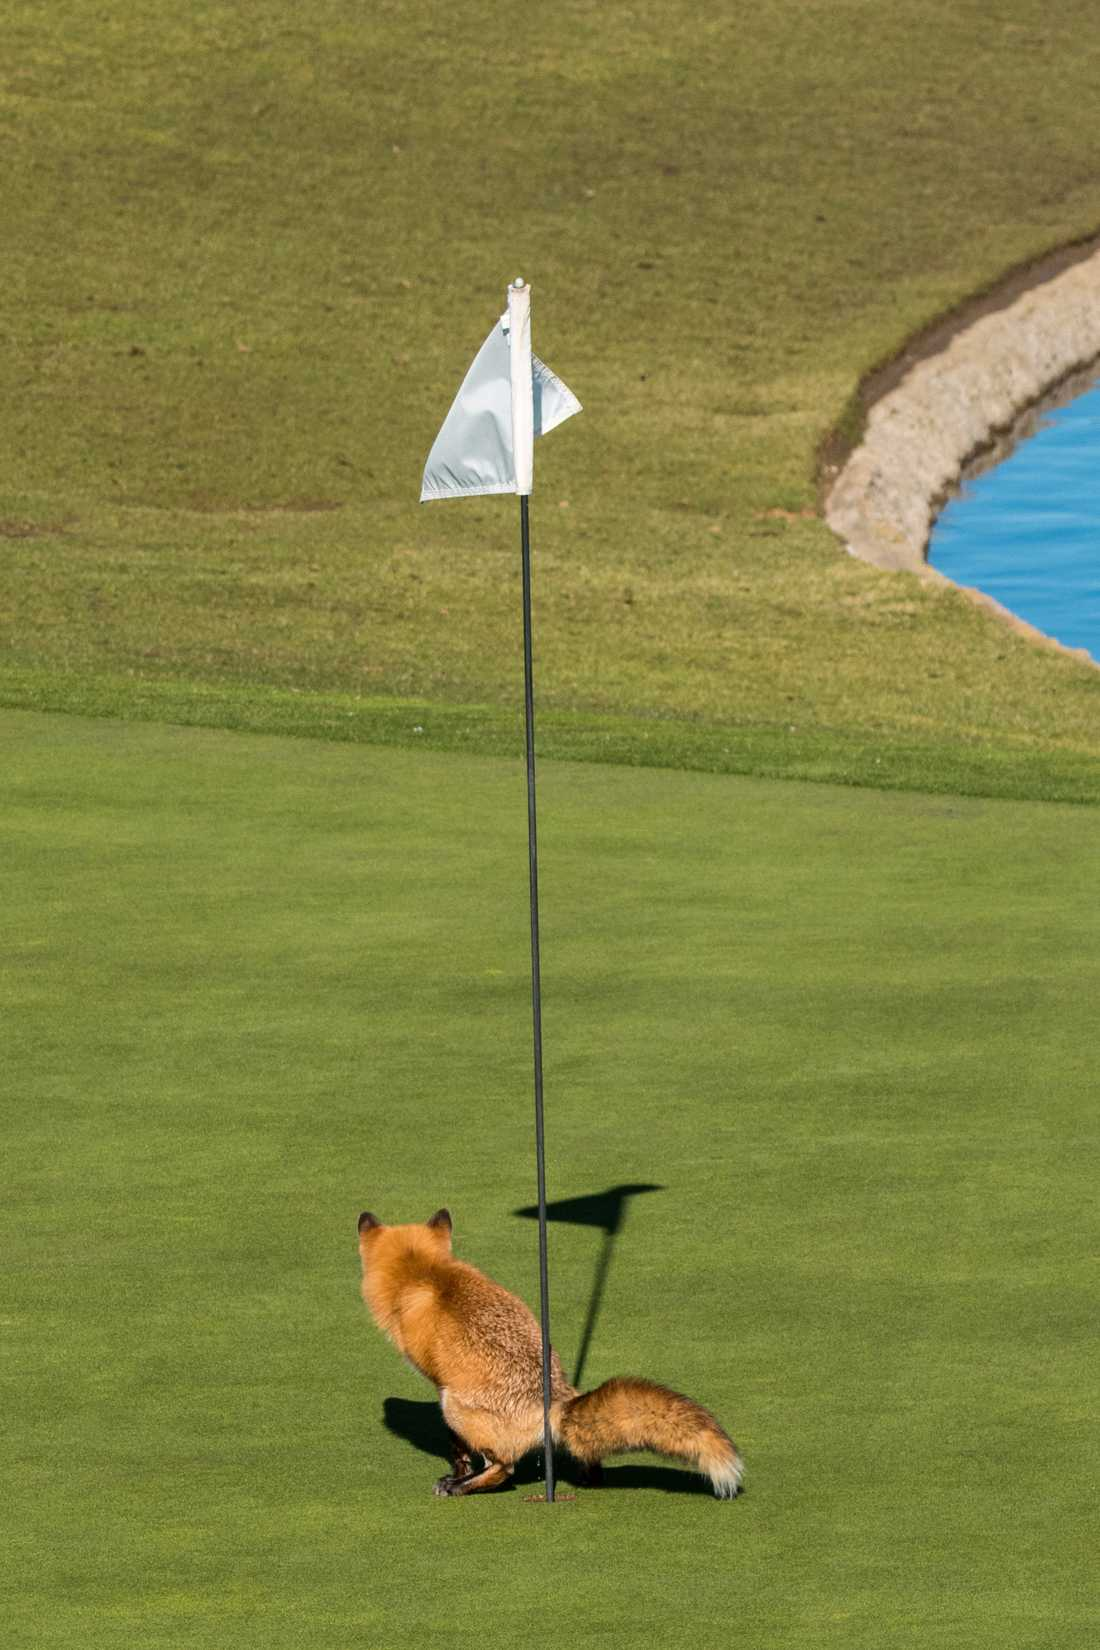 RÄV DROG RÖVARE PÅ GREEN Många är väl de som försökt sig på en rövare på greenen. En som tydligt visar var hen tycker om sporten är den här räven, som helt sonika klubbar i ett av hålen på en golfbana i San José i Kalifornien. Fotografen Douglas Croft förevigade ögonblicket.